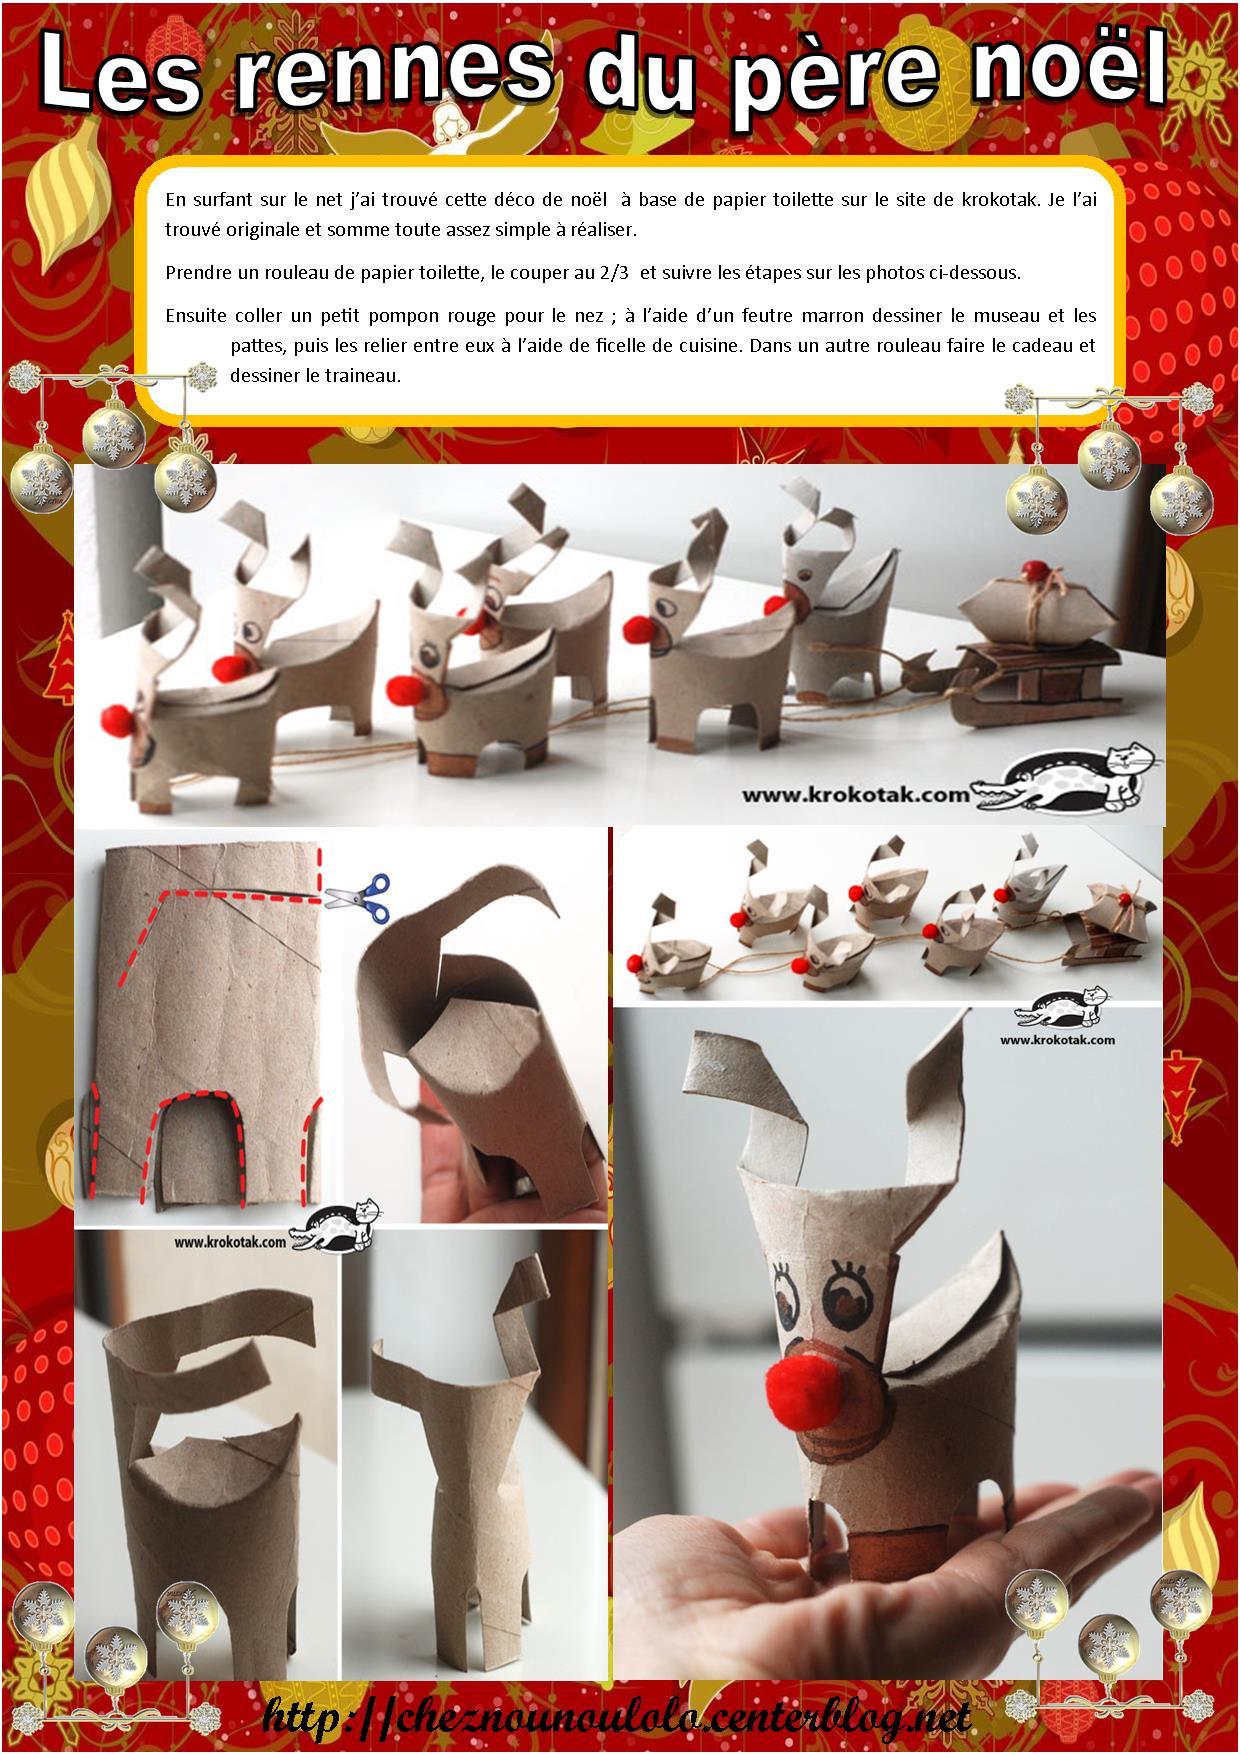 11 Idéal Nom Des Rennes Du Père Noel Pics   Coloriage avec Nom Renne Pere Noel